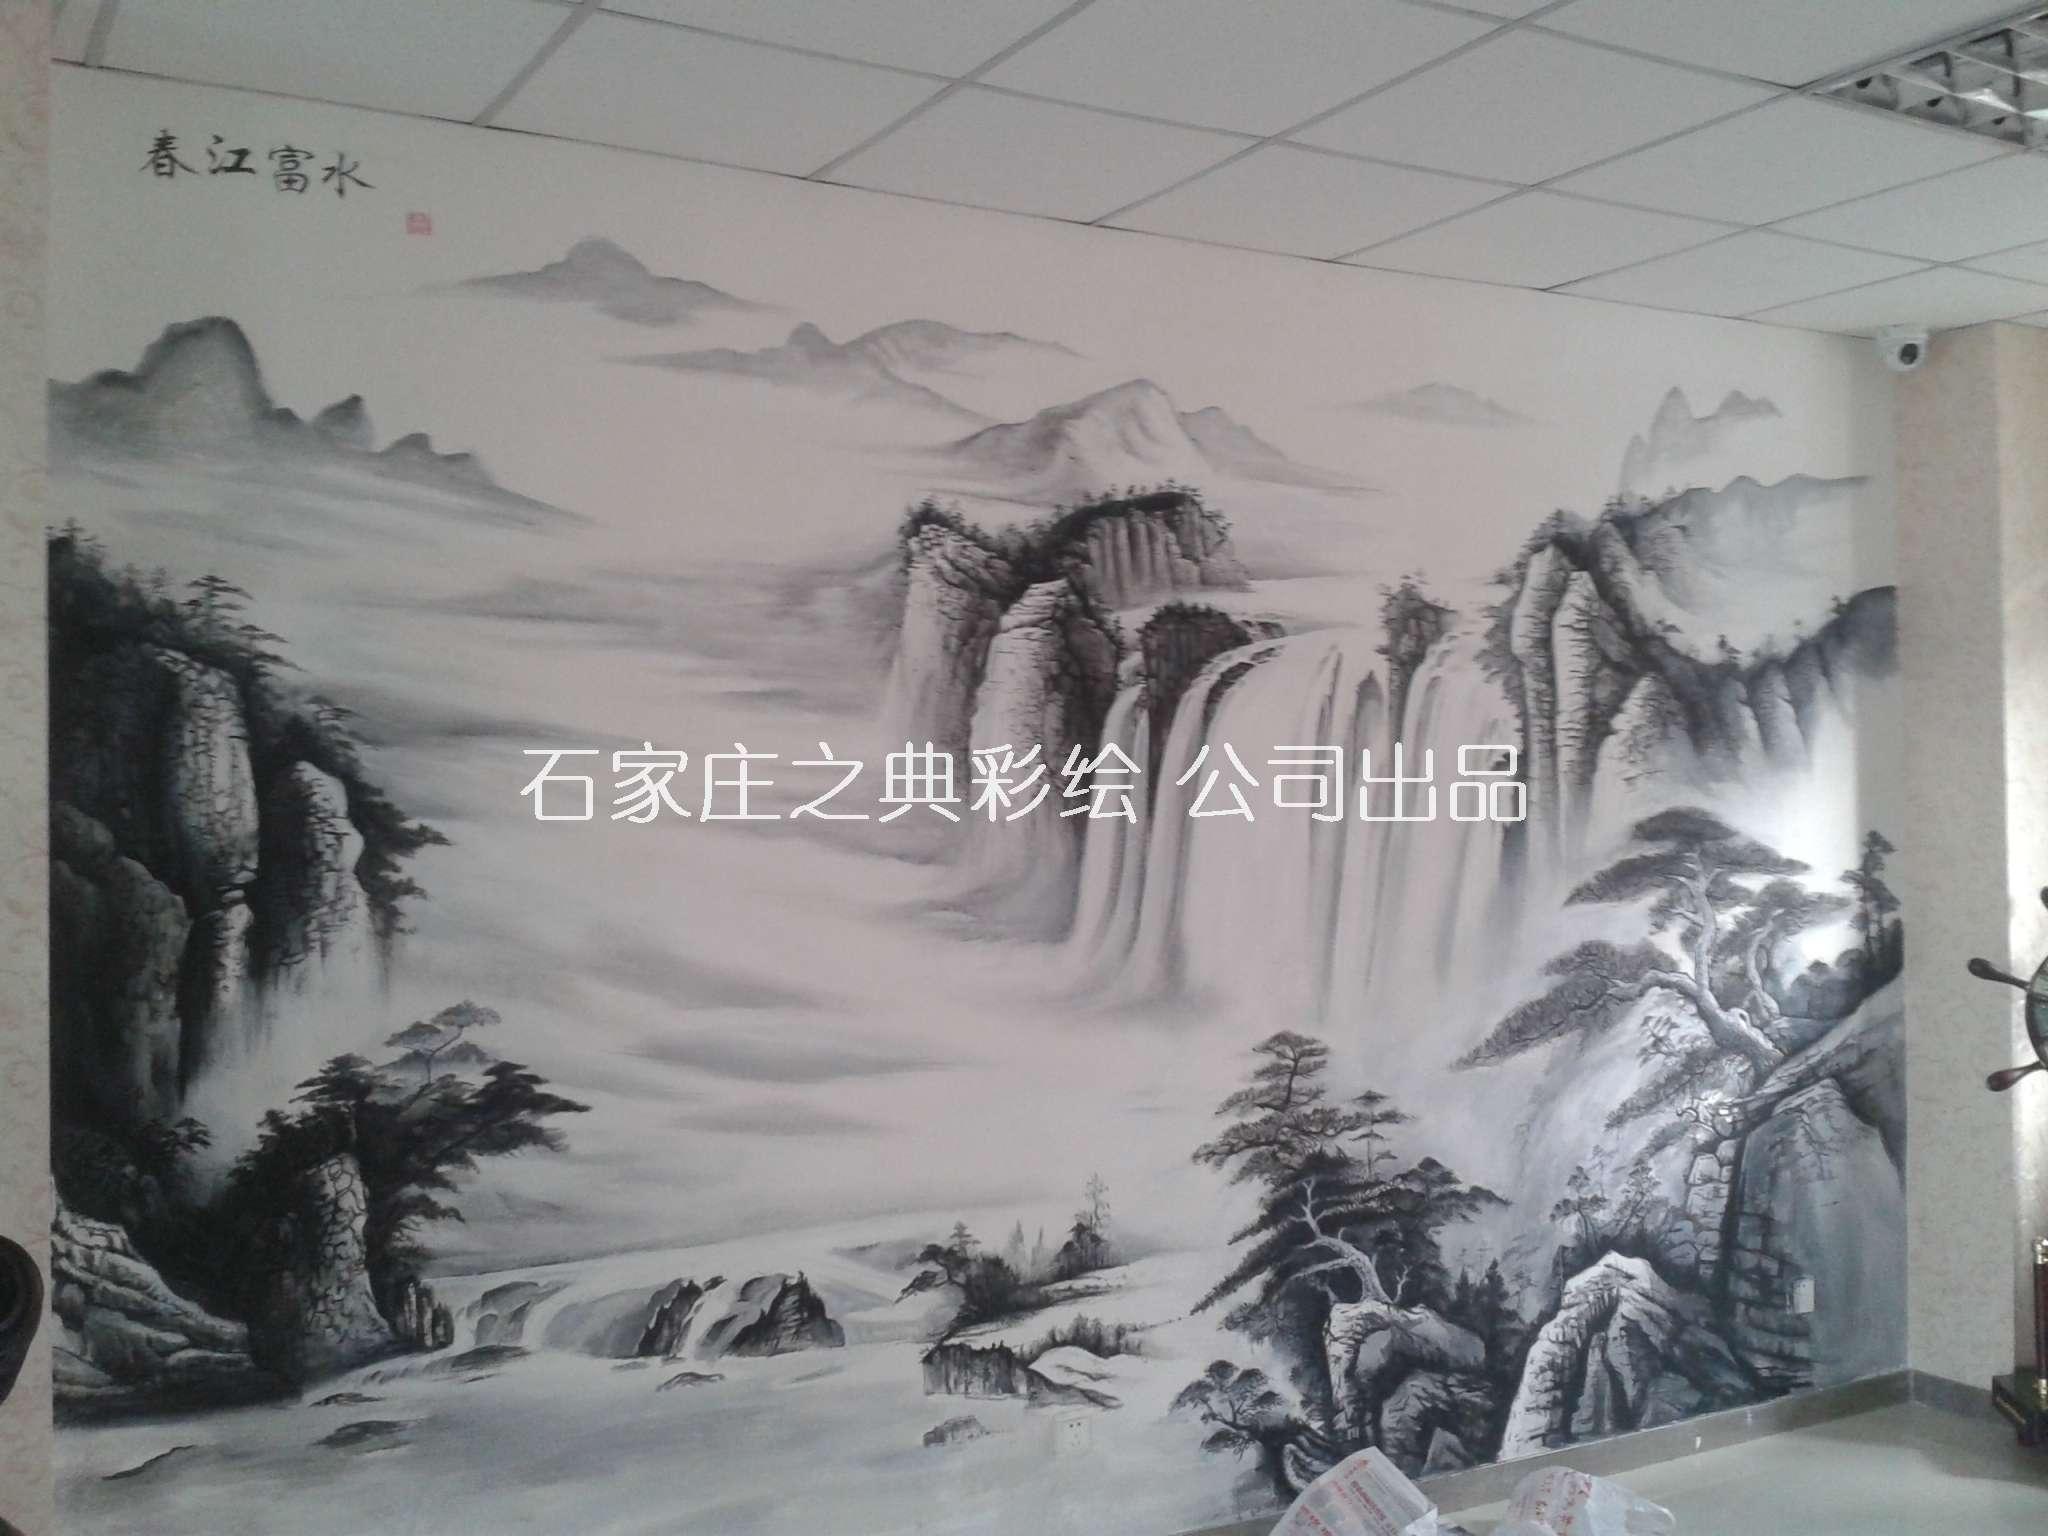 墙体彩绘山水画《春江富水》|手绘背景墙画 - 石家庄